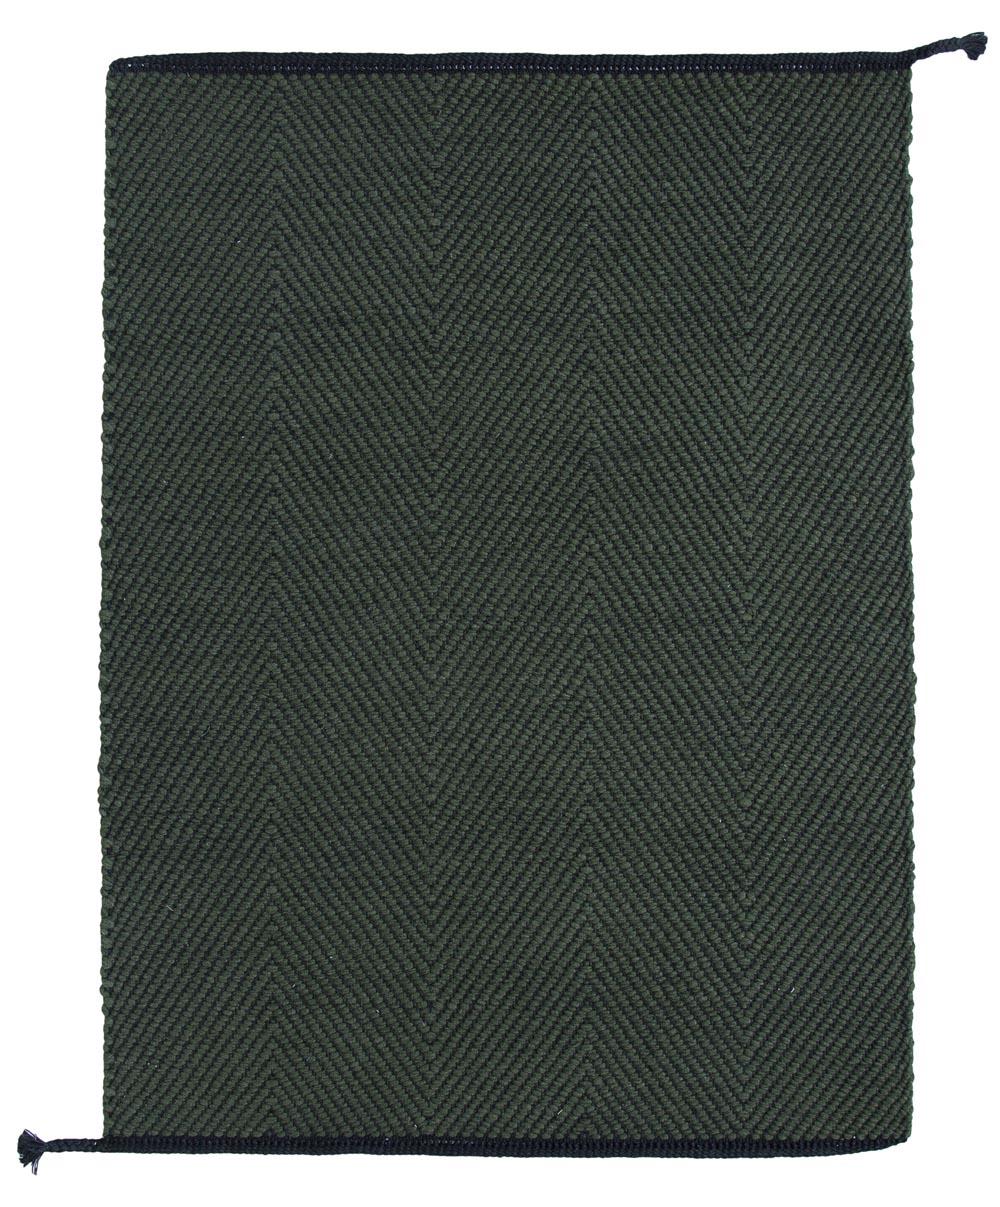 Vandra Wool - Vertical Herringbone